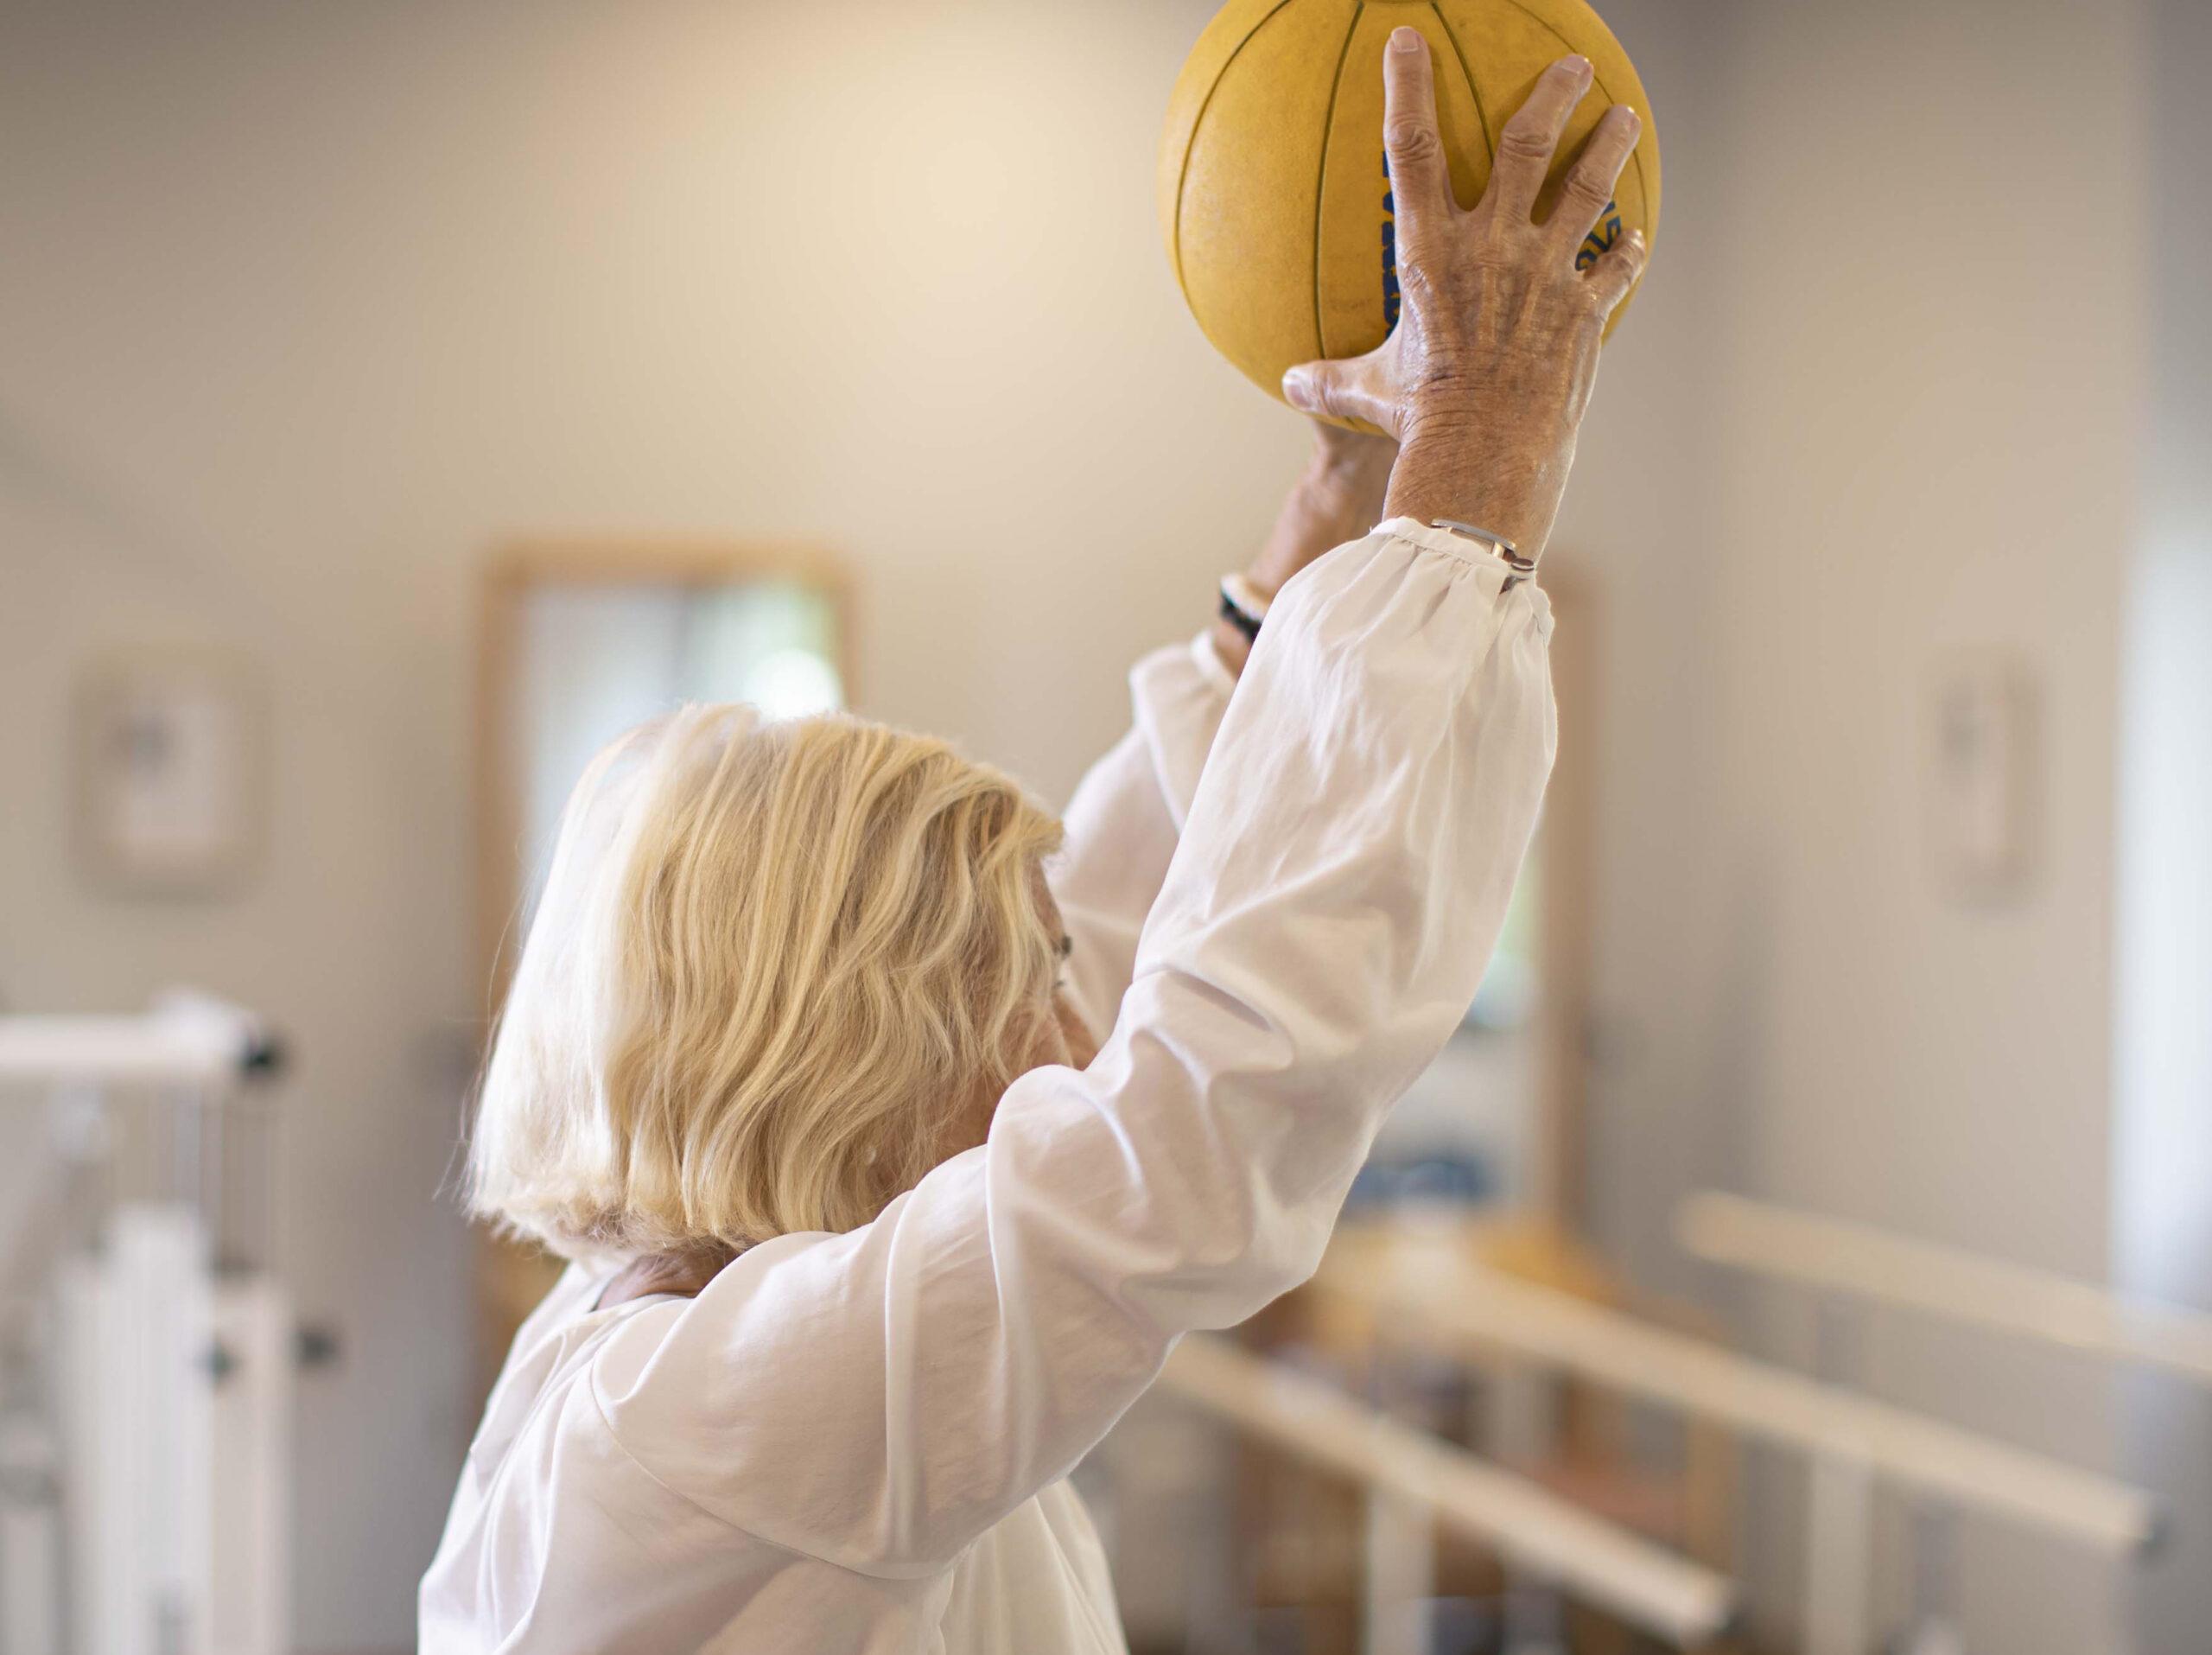 Gerontogimnasia, bienestar físico y mental para las personas mayores